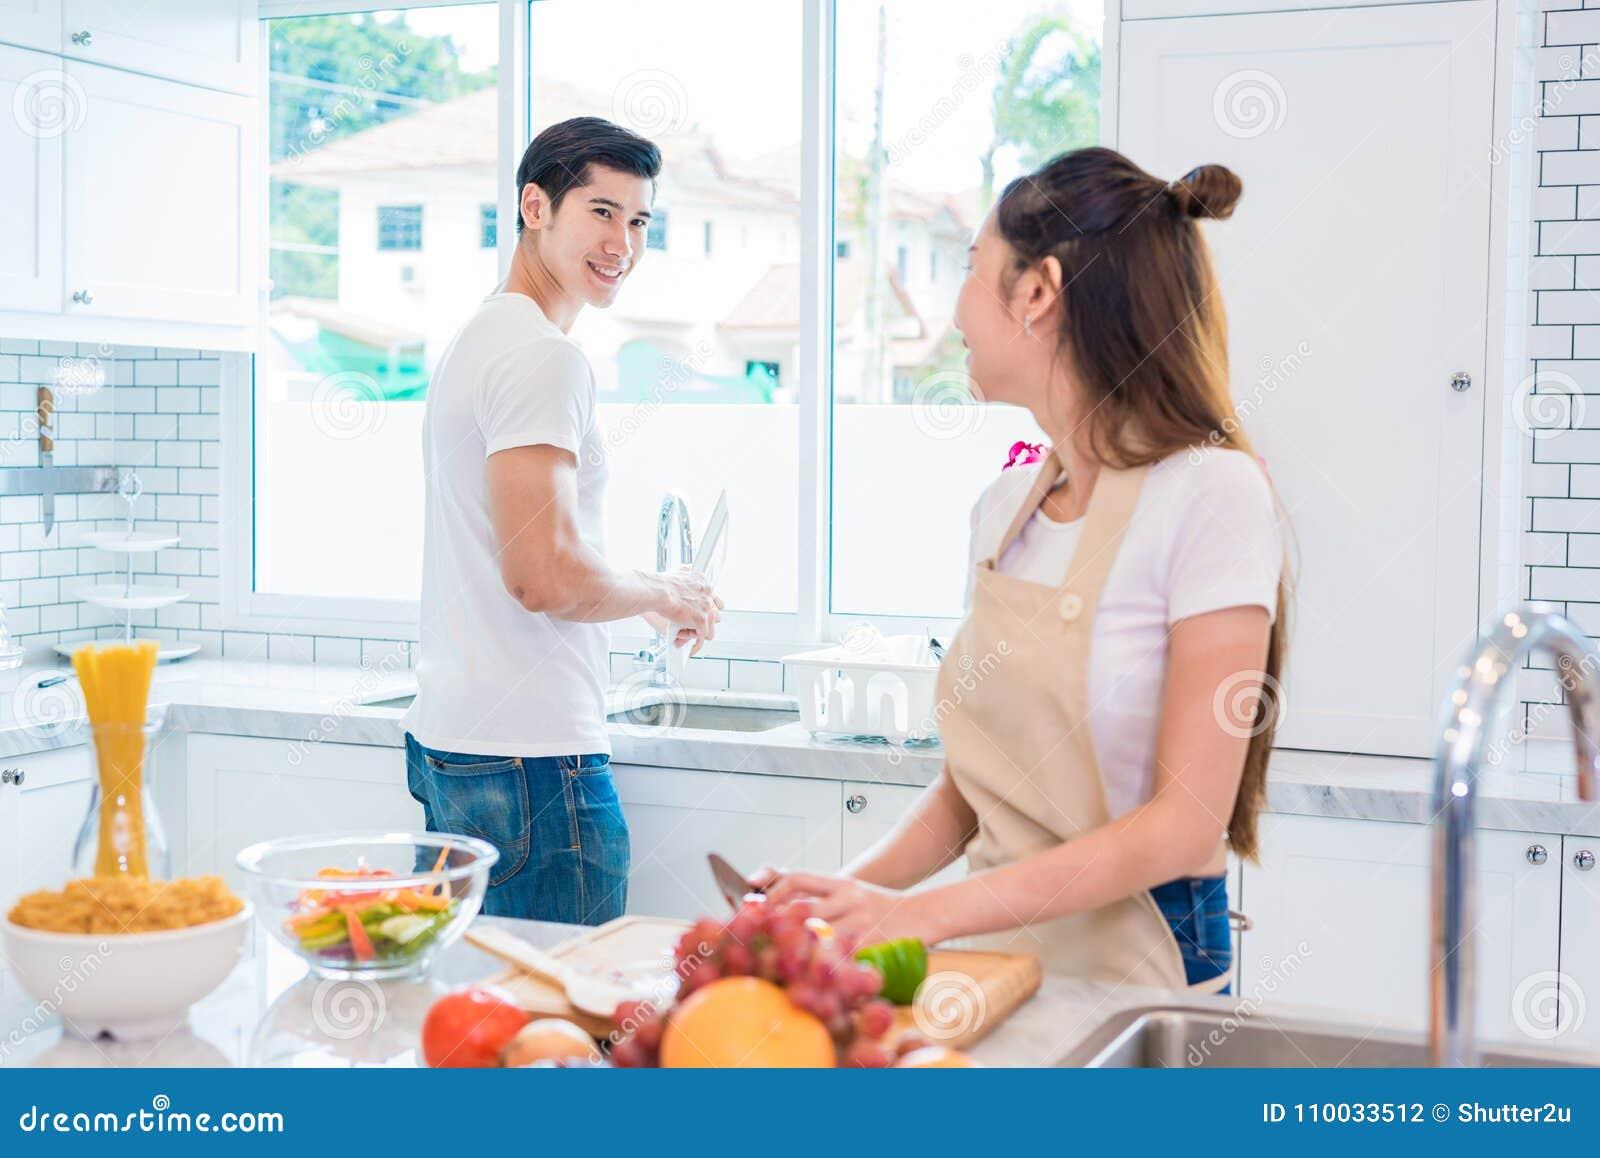 Aziatische minnaars of paren die elkaar wanneer zo grappig koken kijken